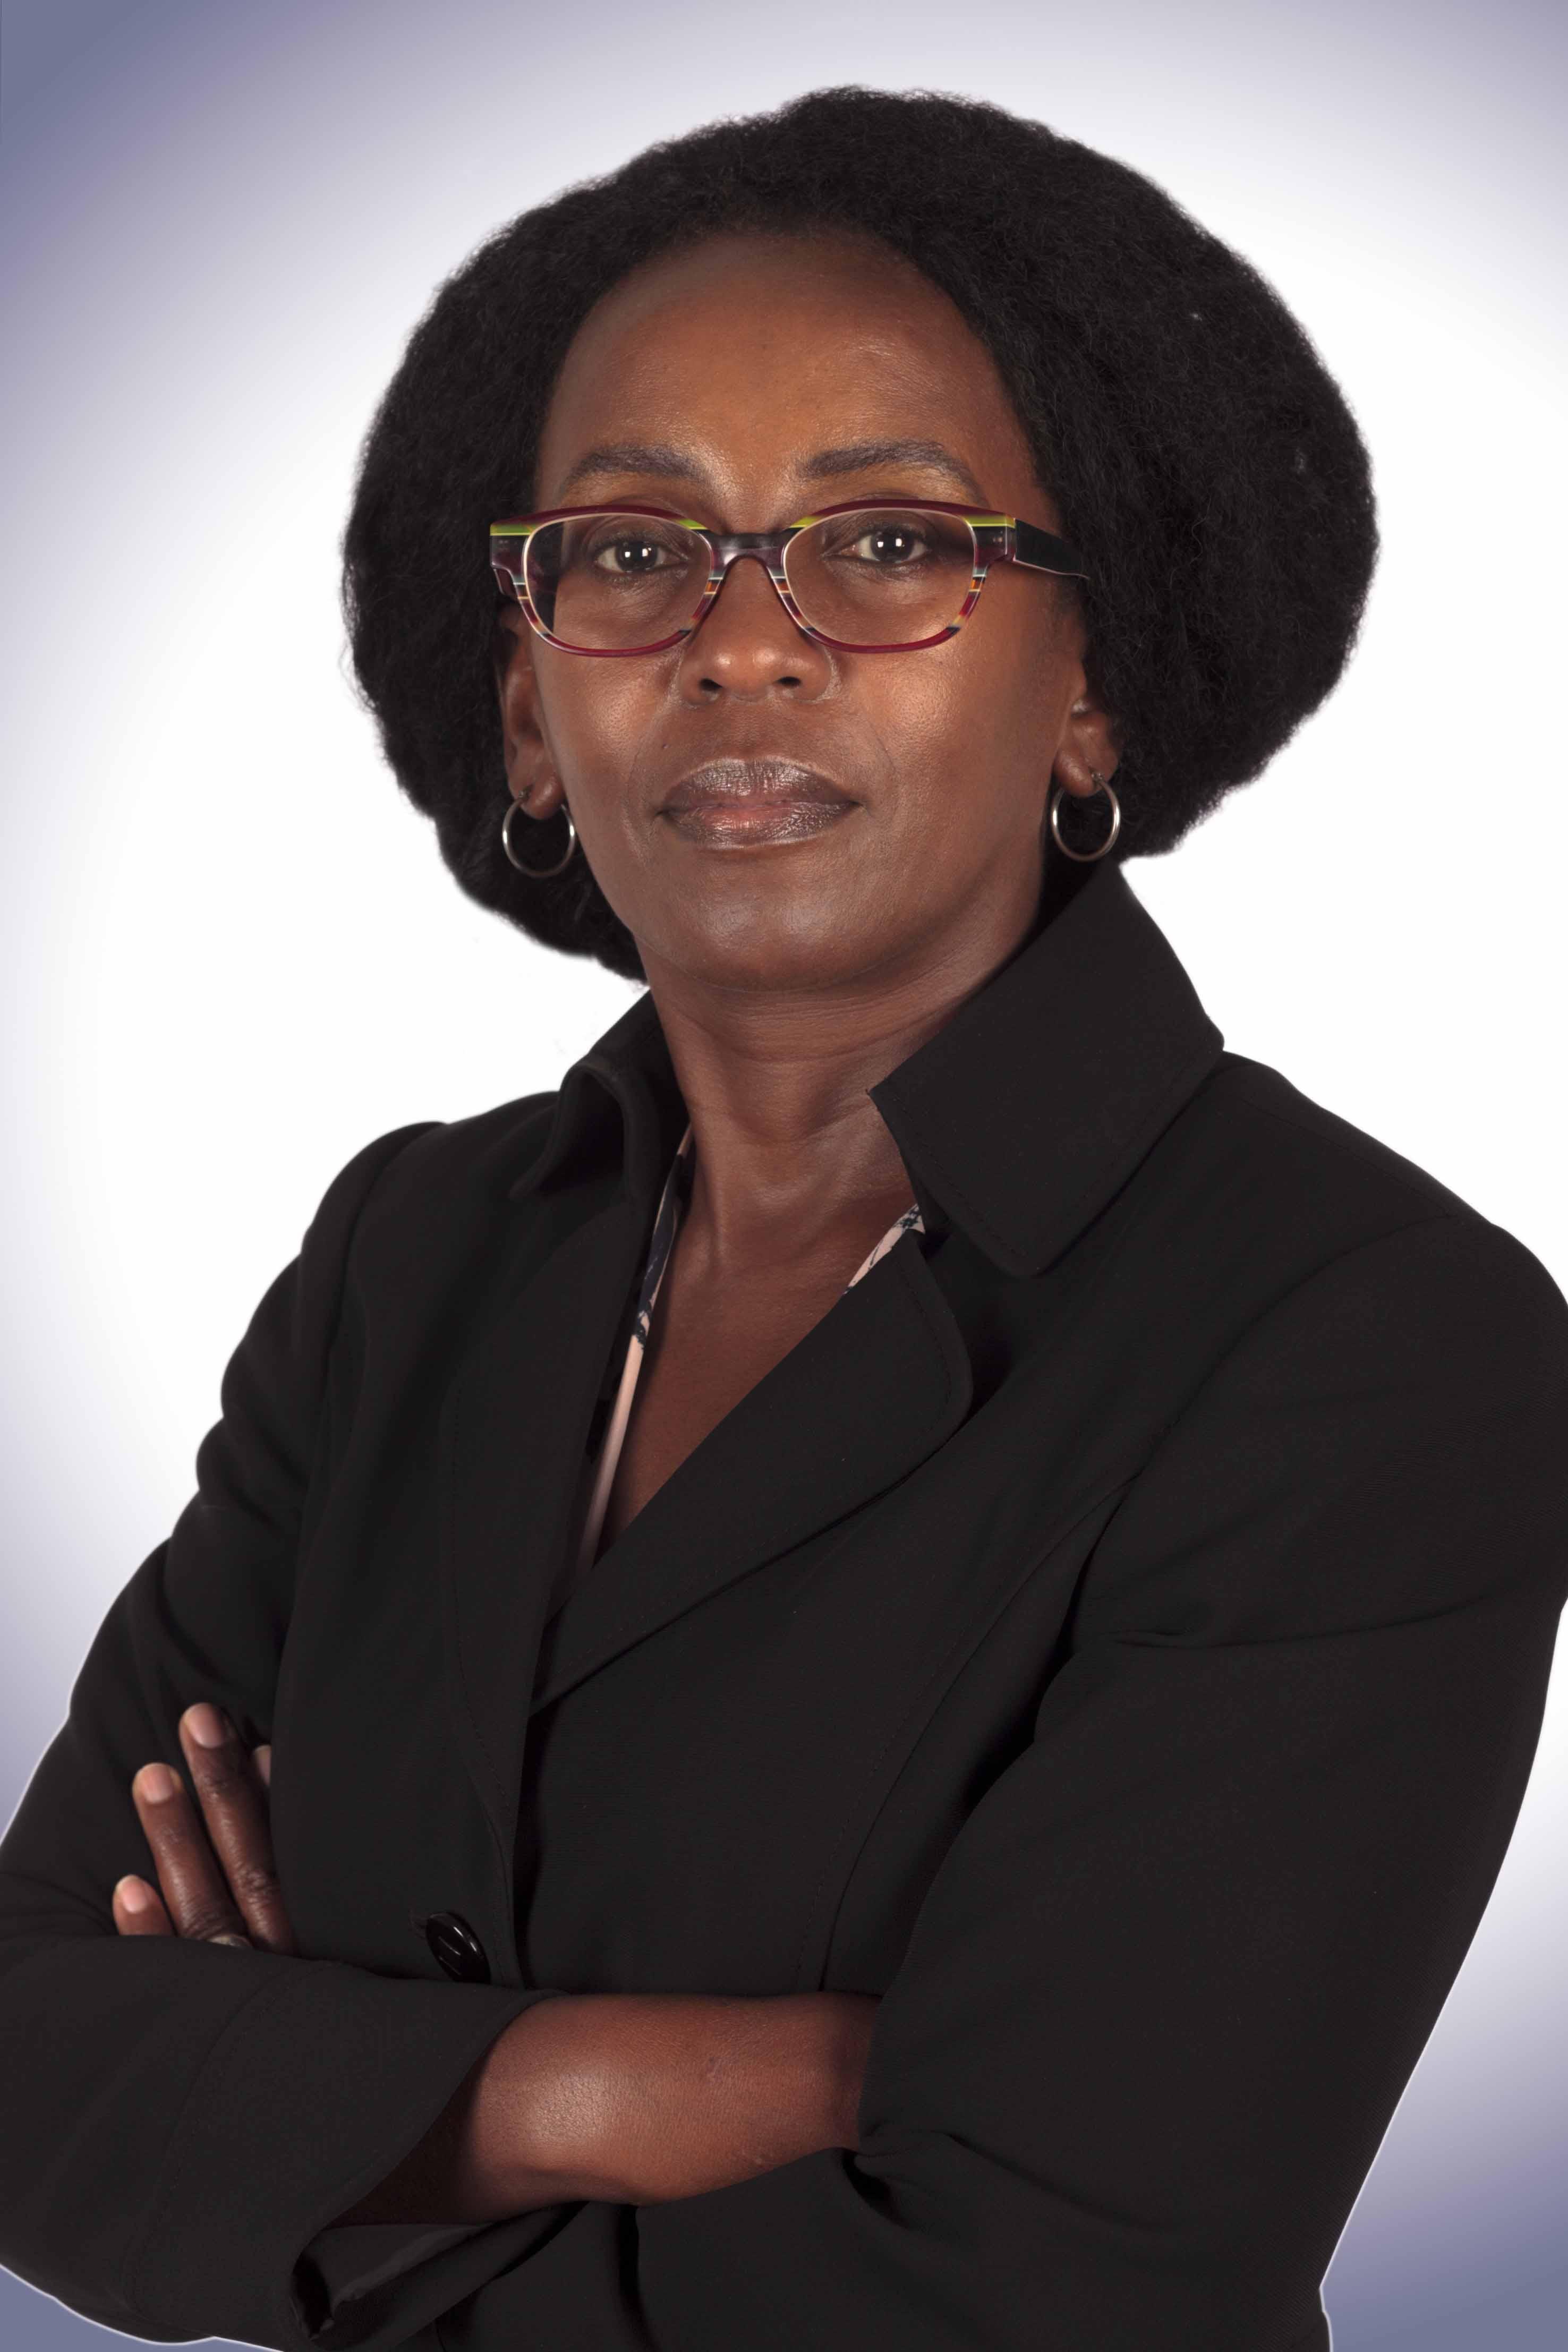 Ms. Claire Wanjiru Mwangi